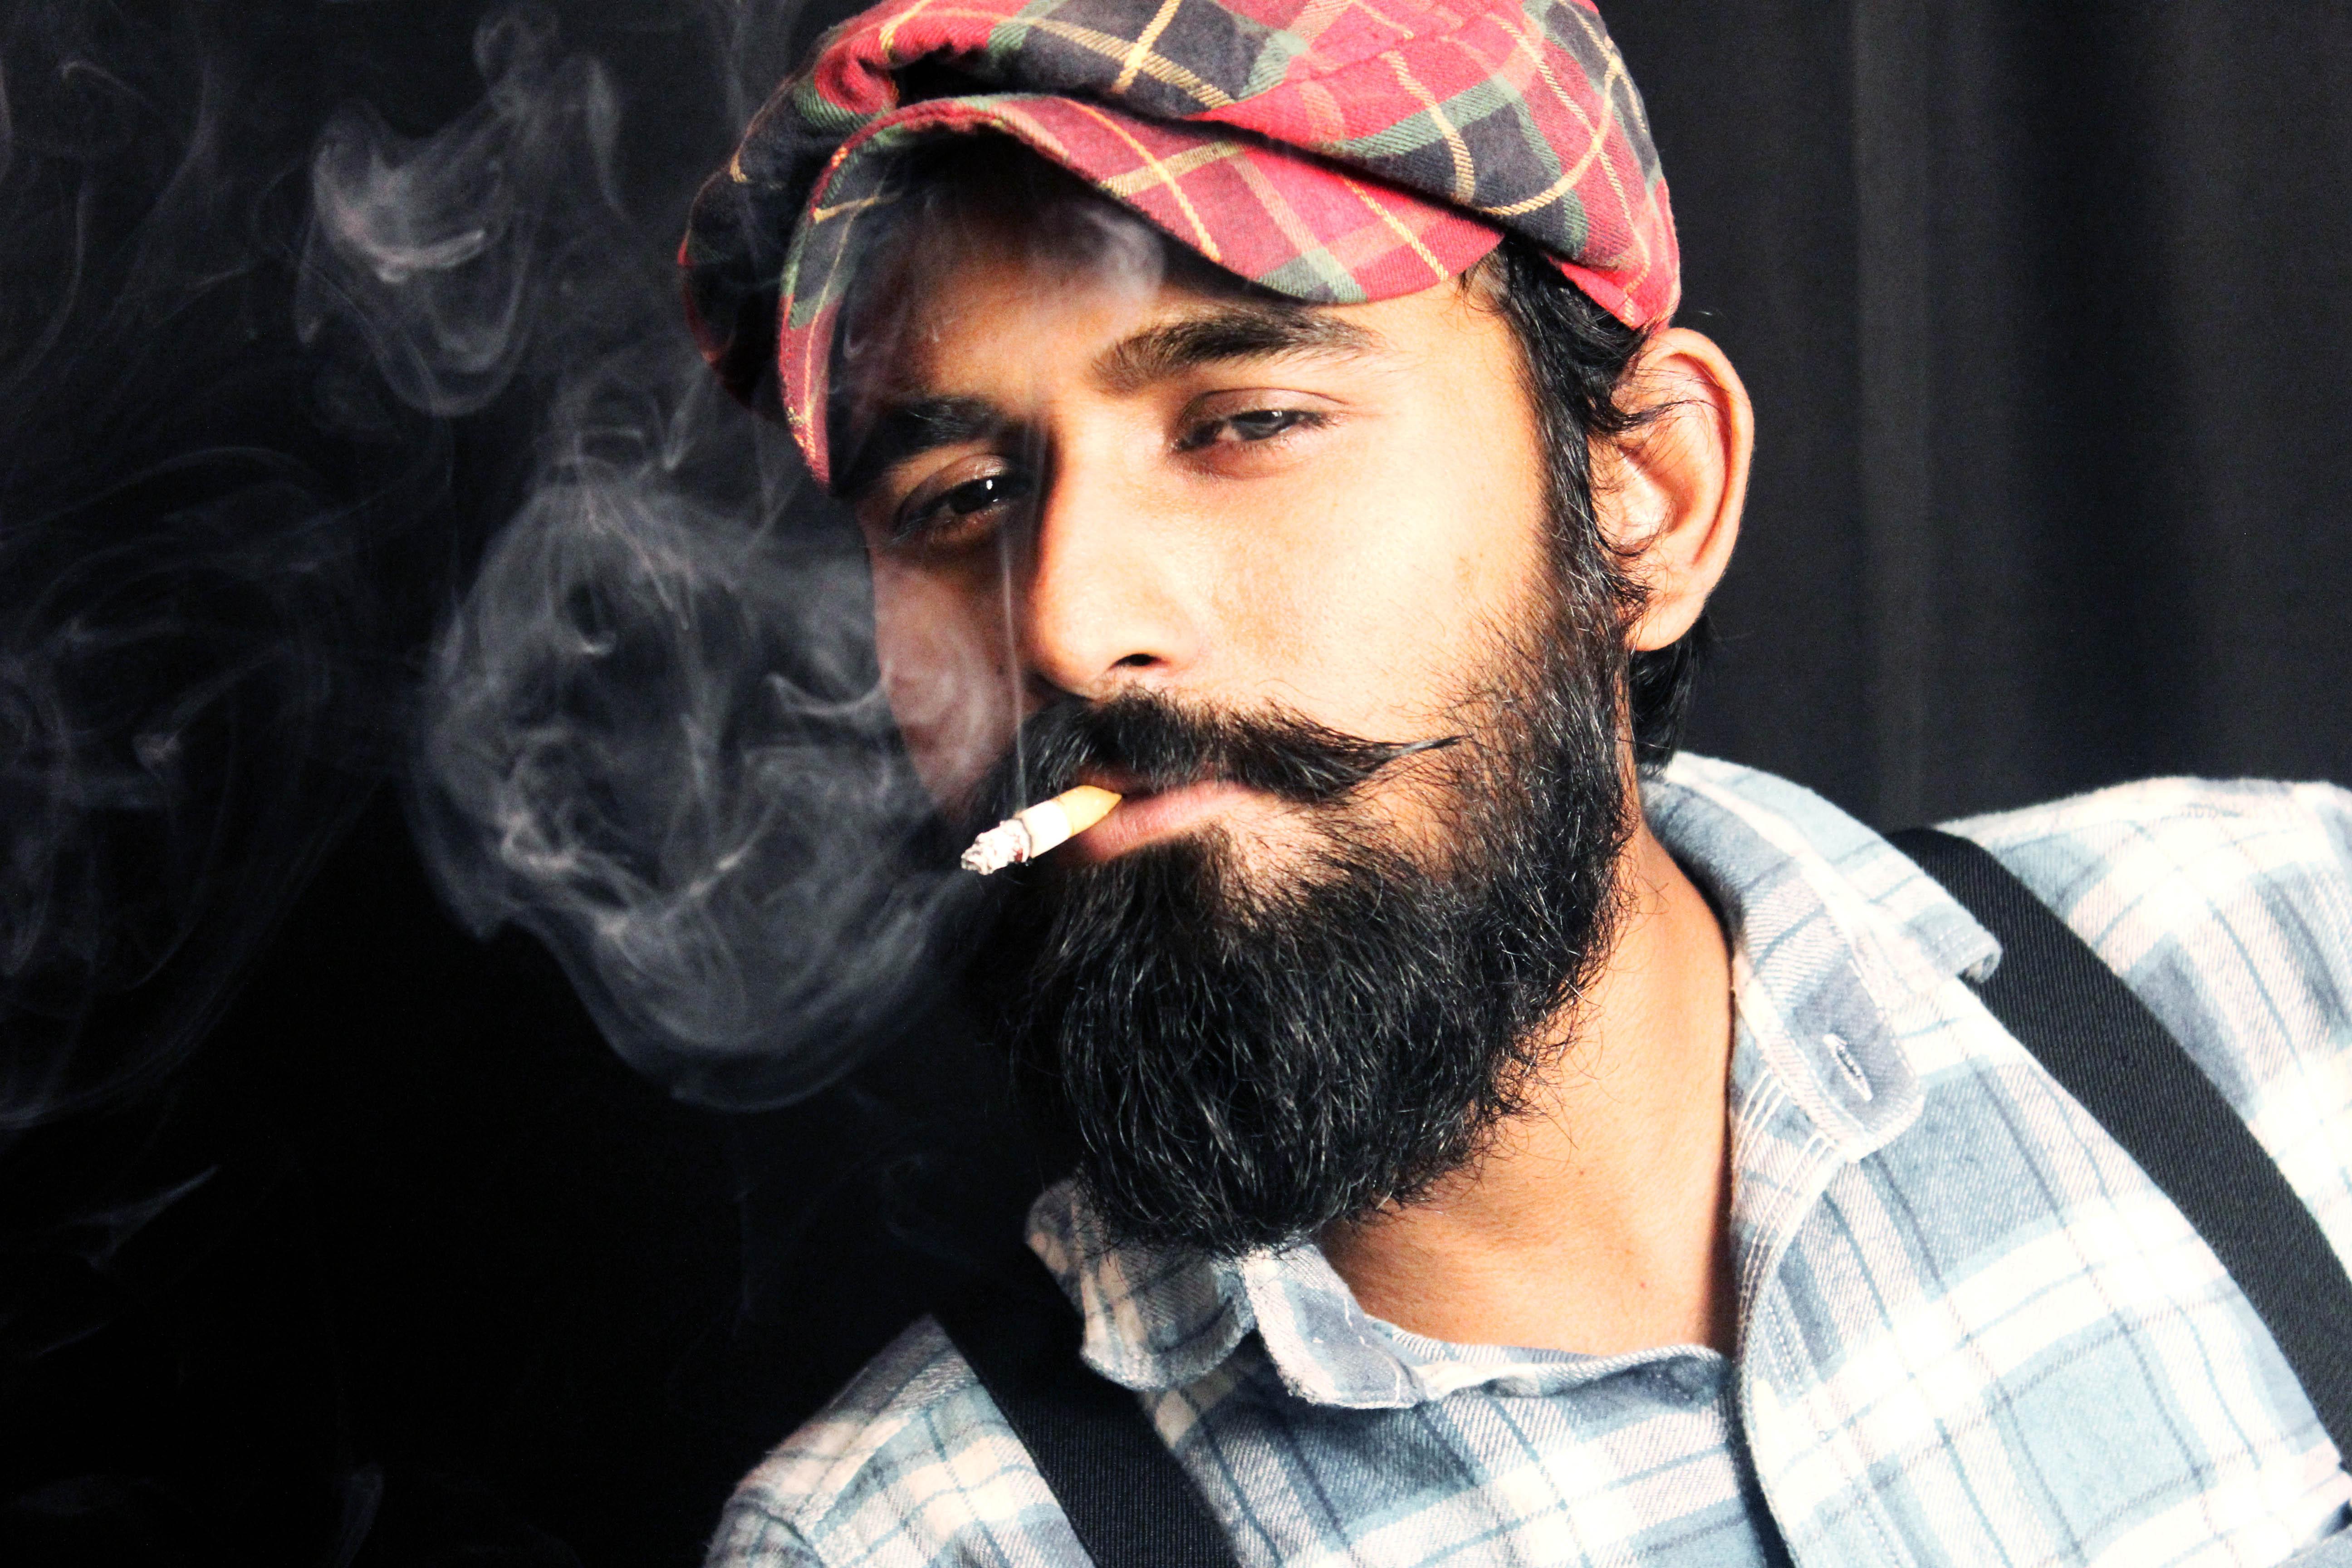 sangramsingh thakur actor  mumbai